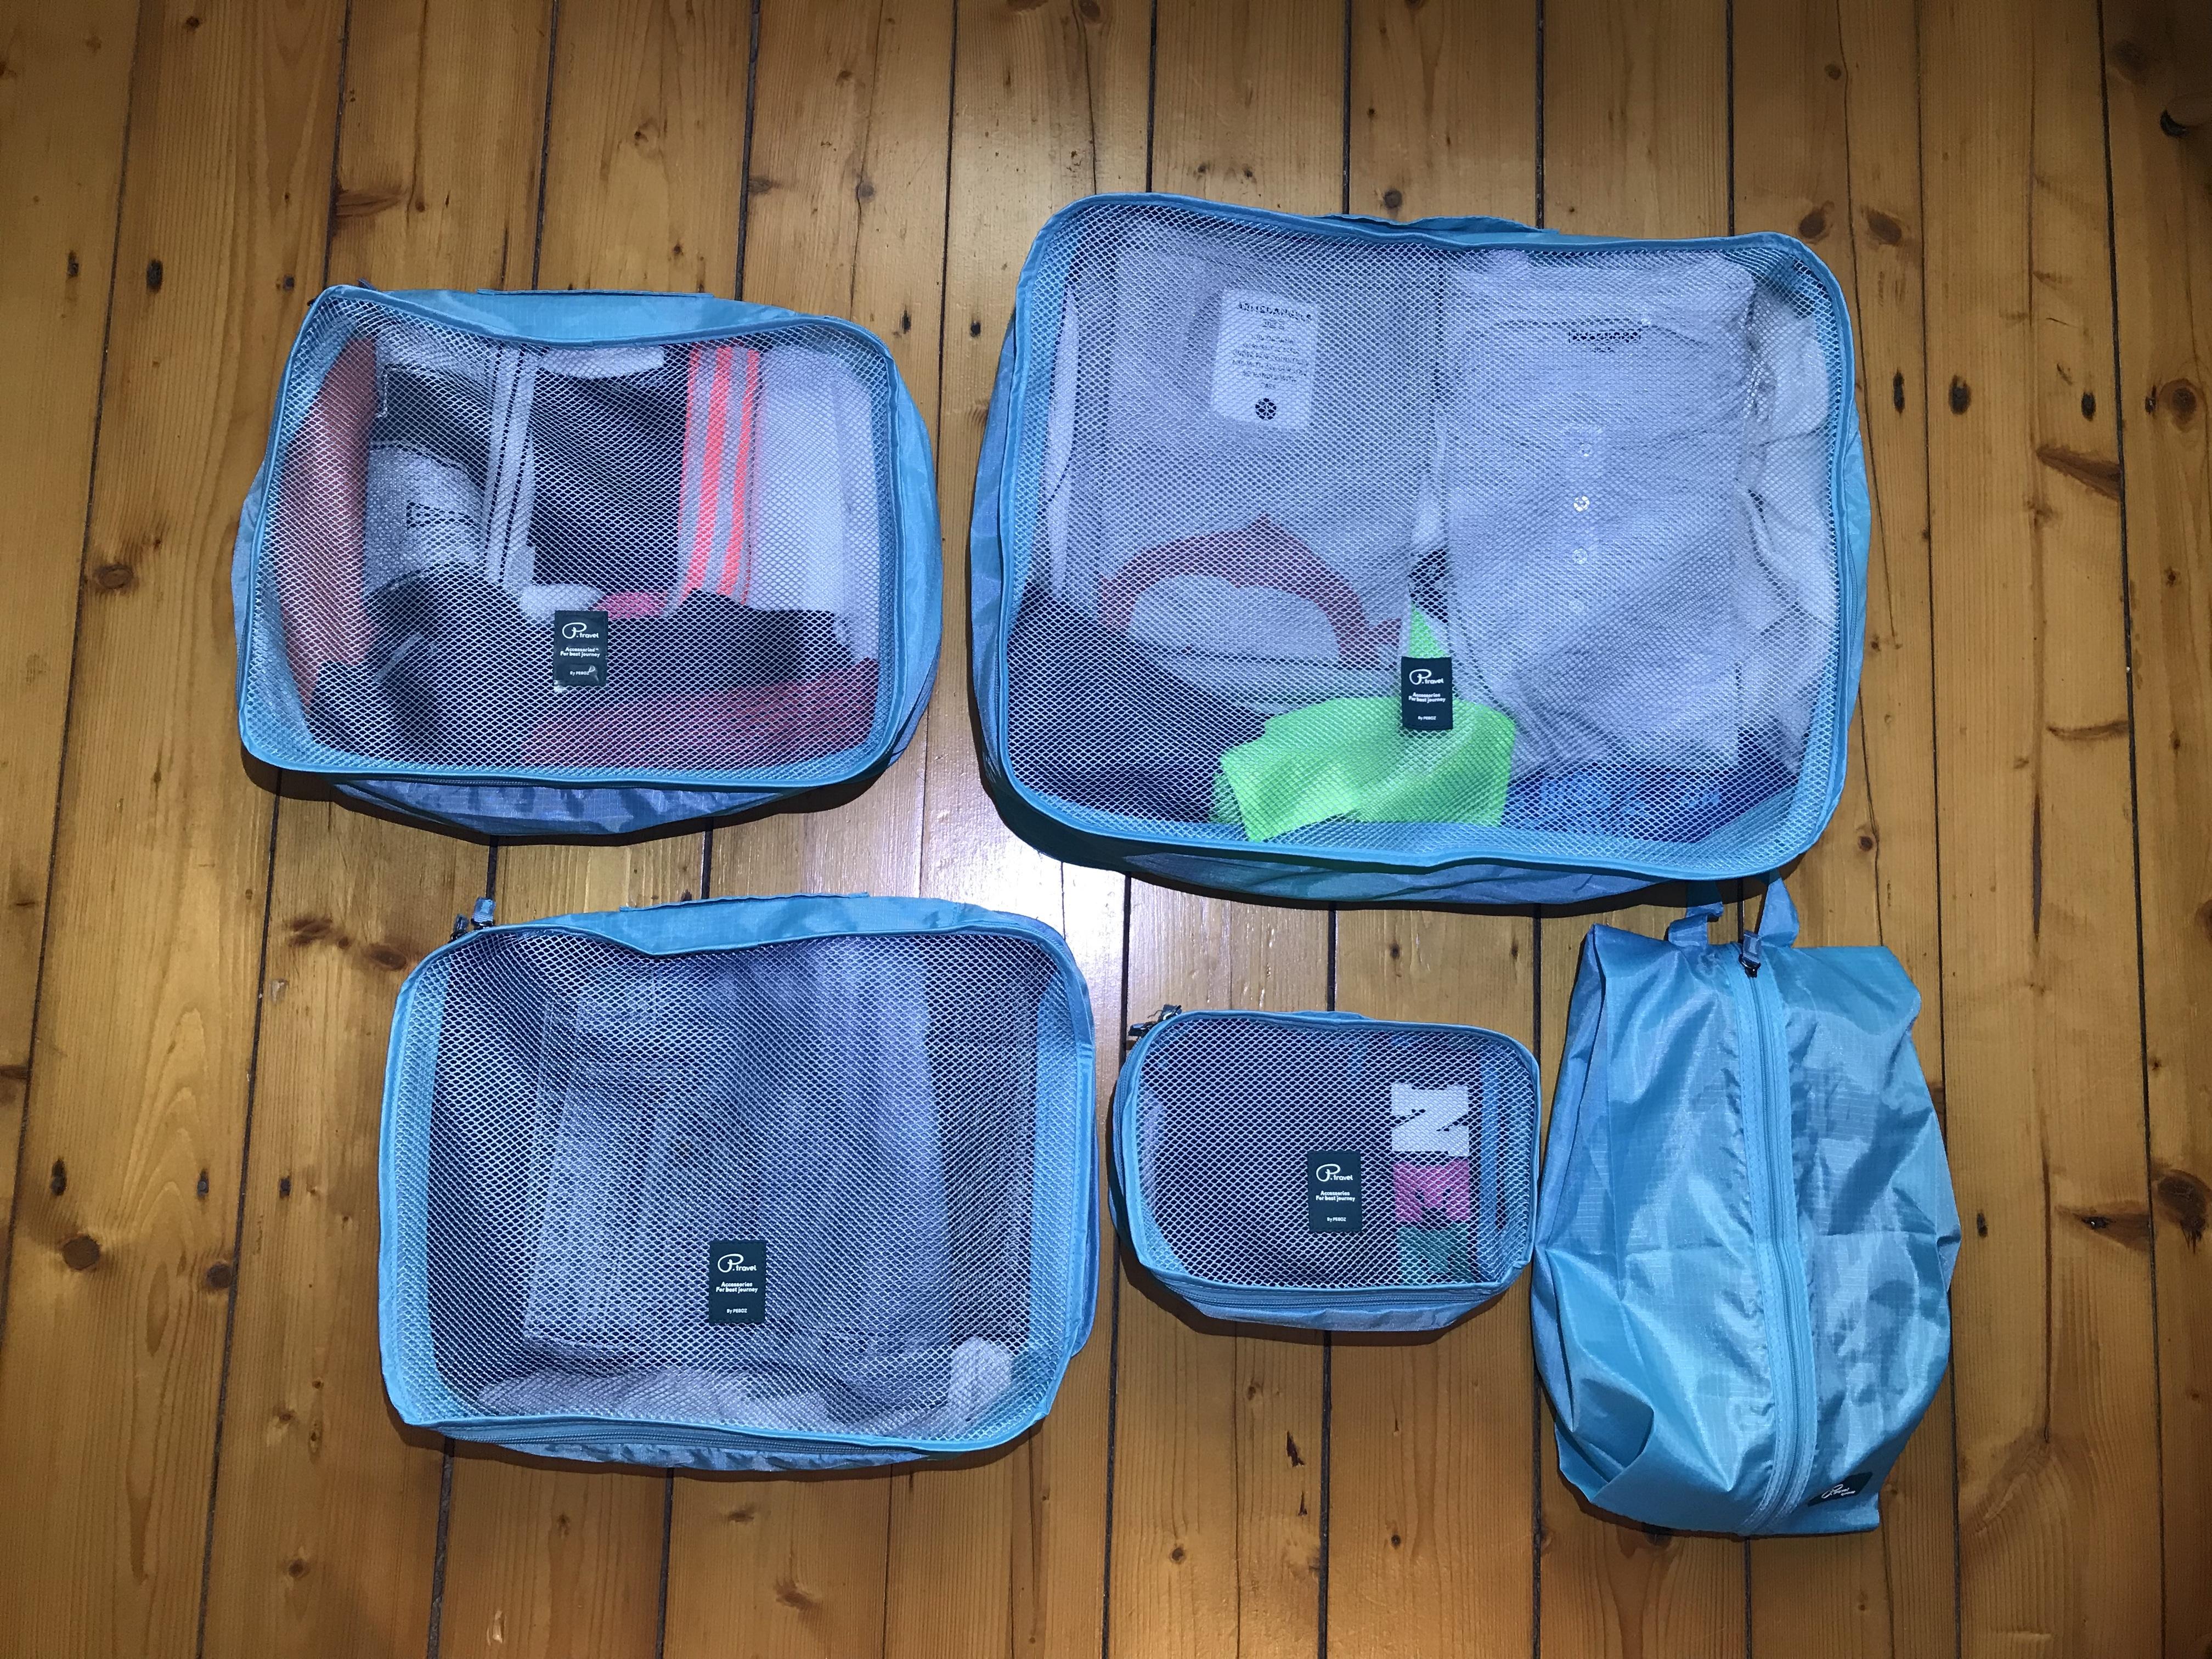 MIt Klamotten gefüllte Packwürfel